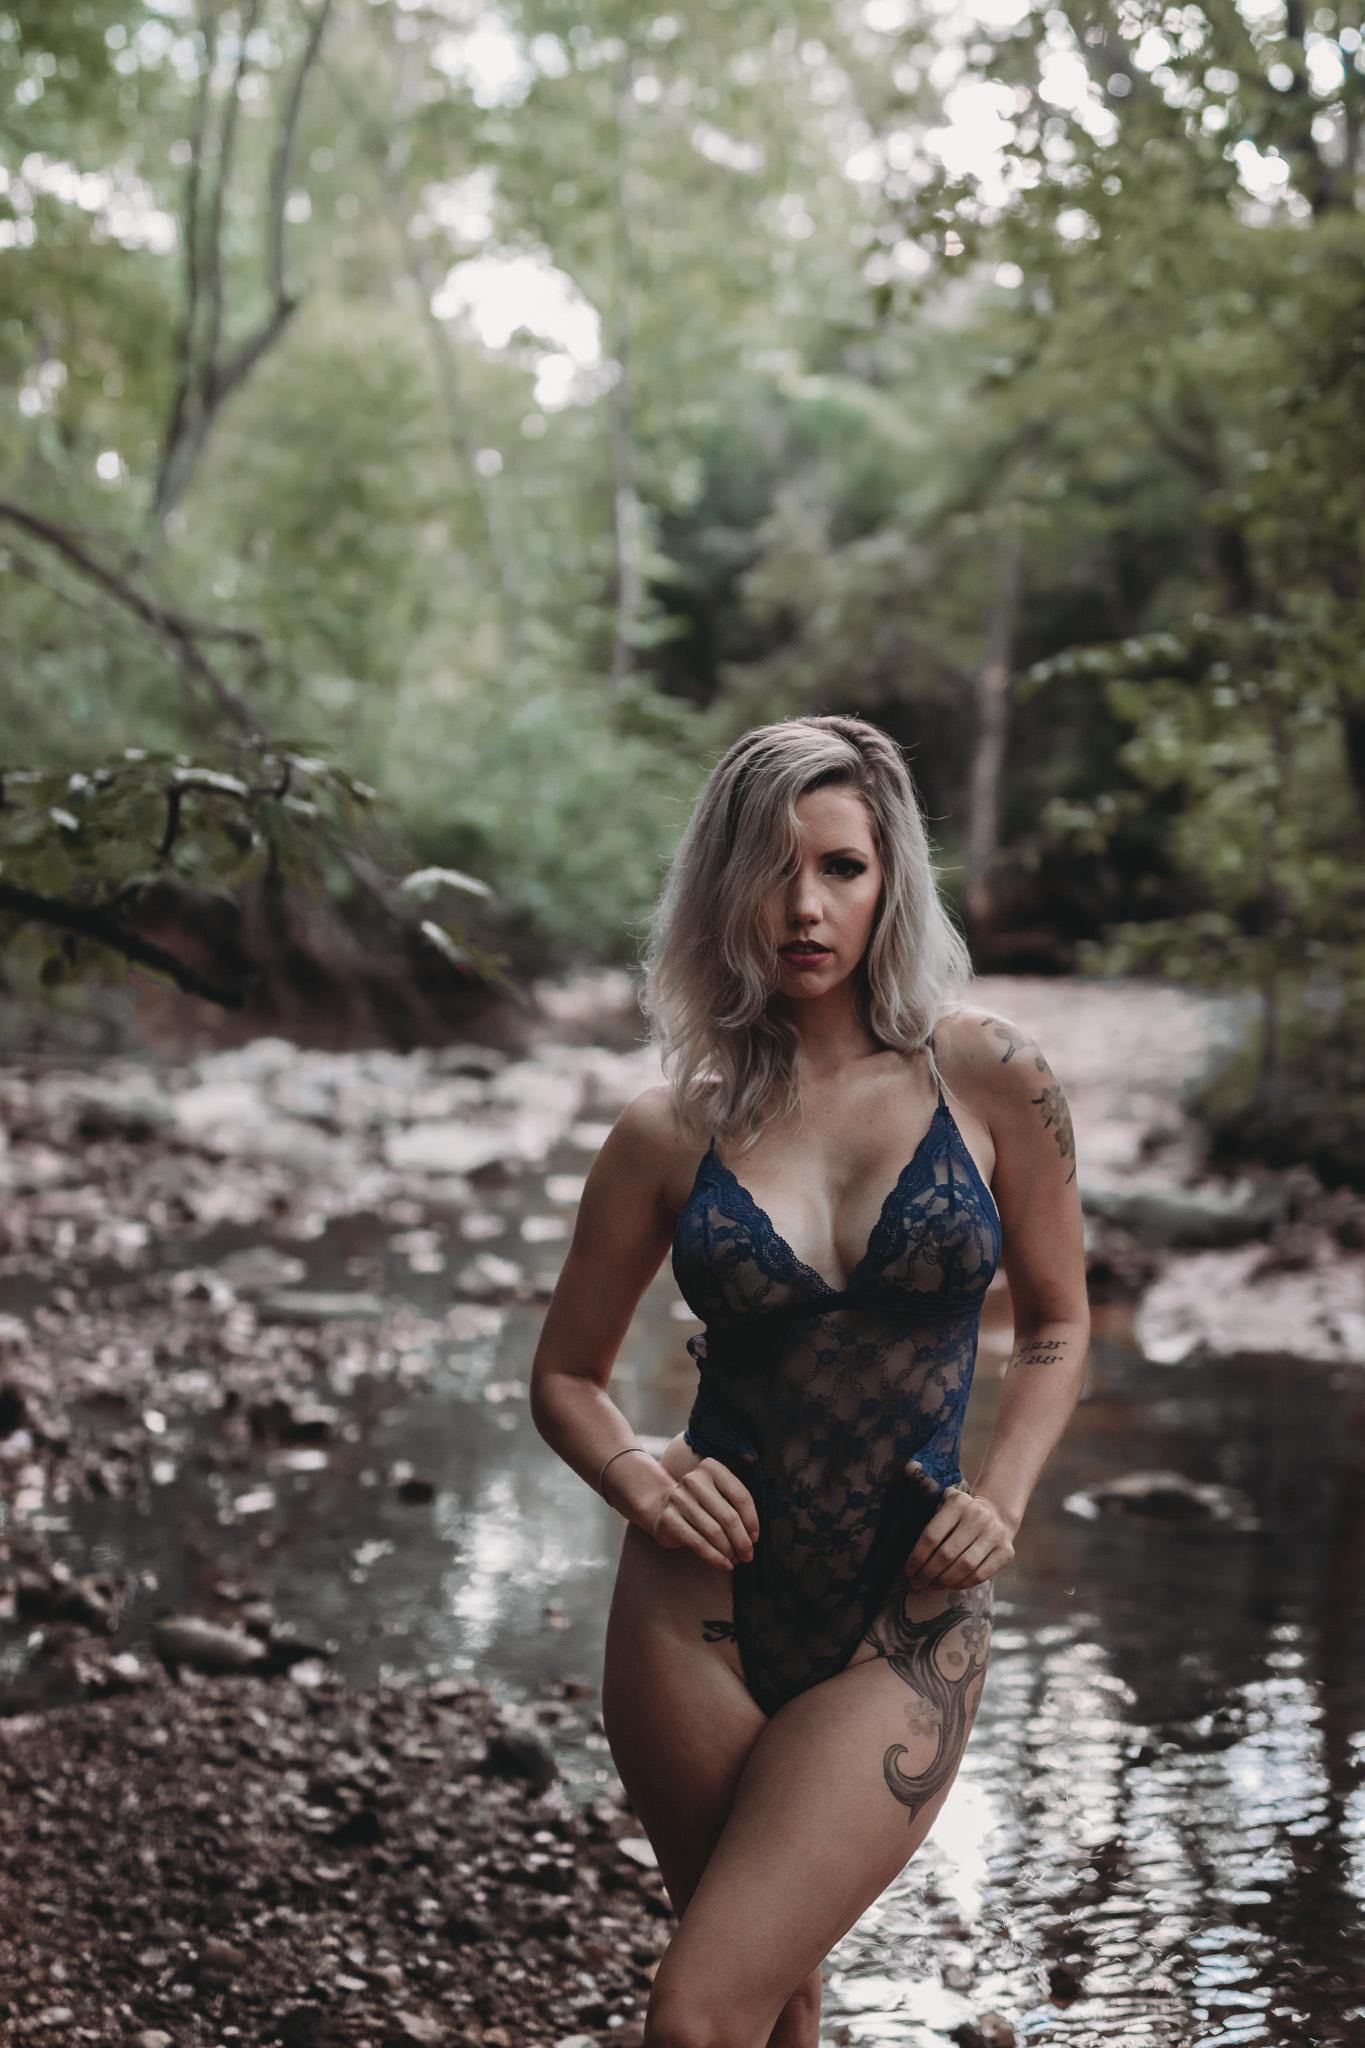 water outdoor boudoir girl standing pose